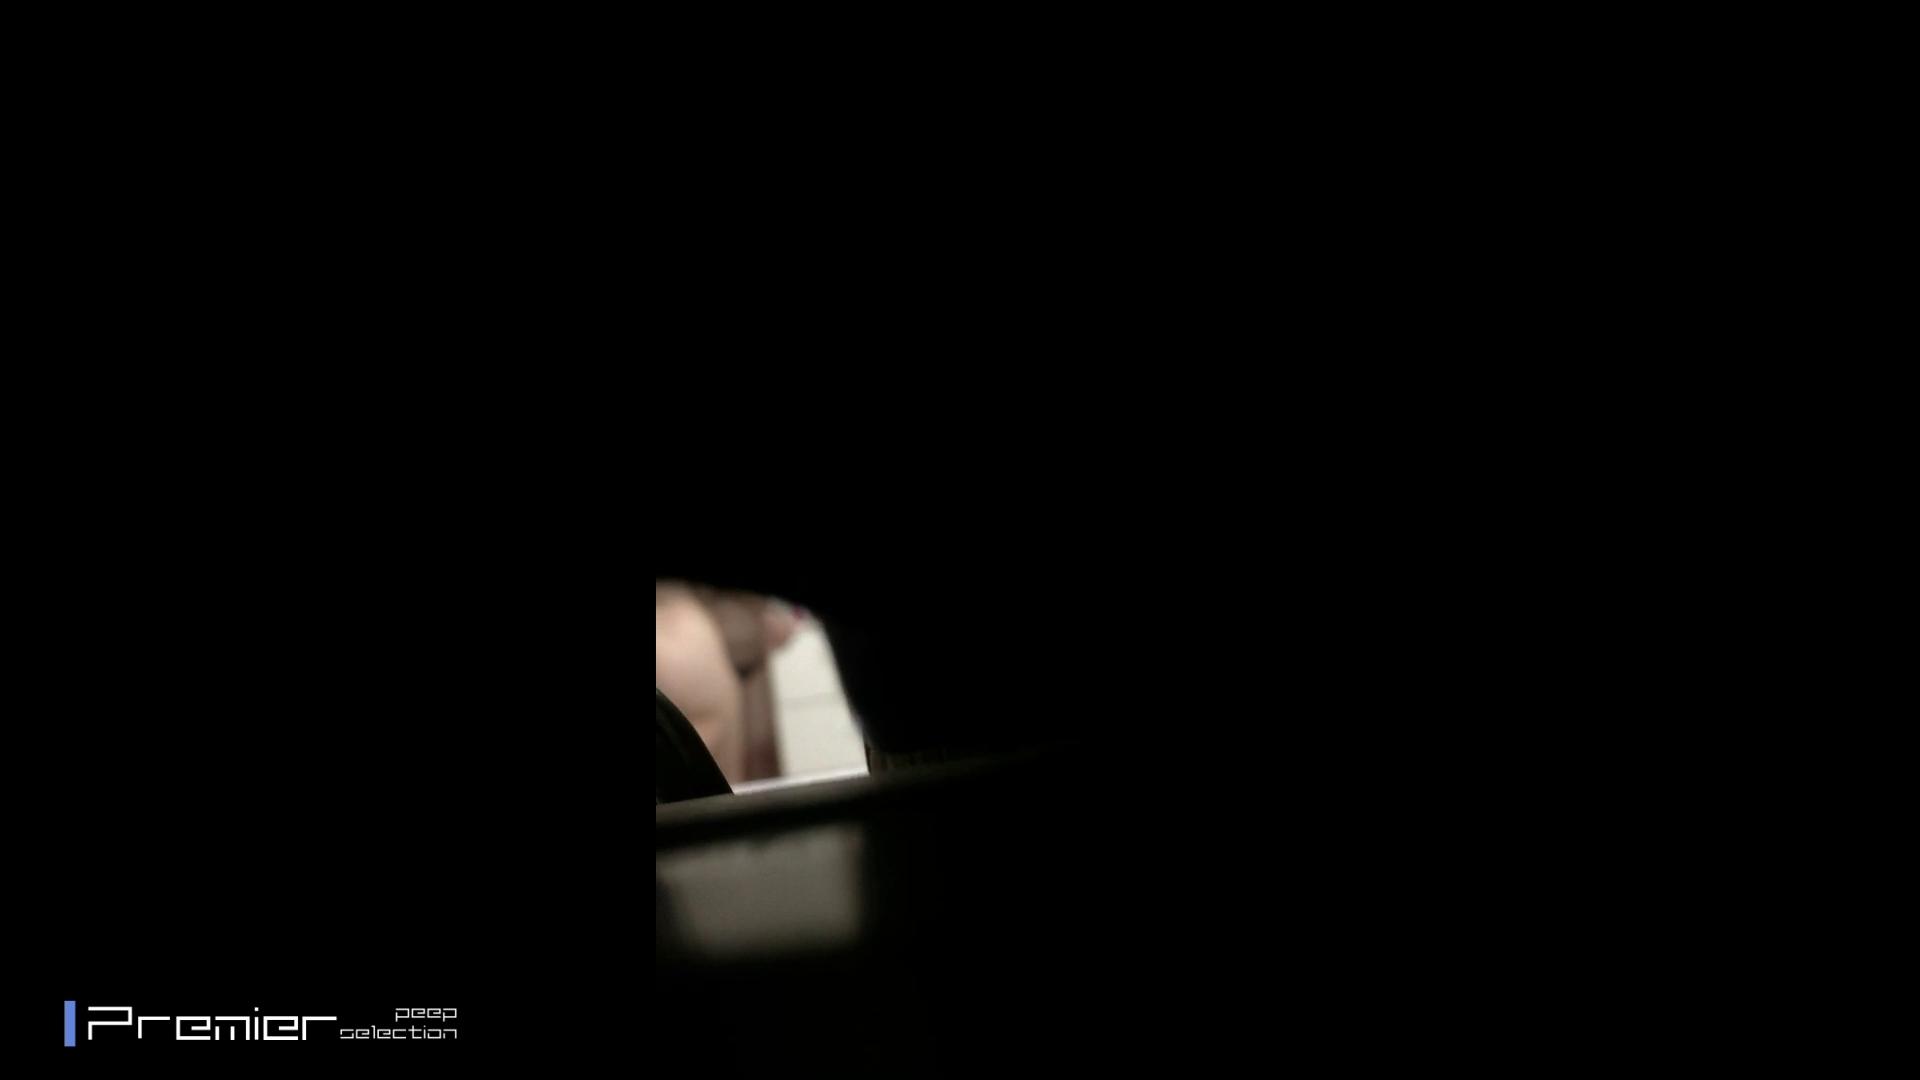 美形爆乳 OL の卑猥なボディ 美女達の私生活に潜入! 高画質動画 ワレメ無修正動画無料 37画像 32